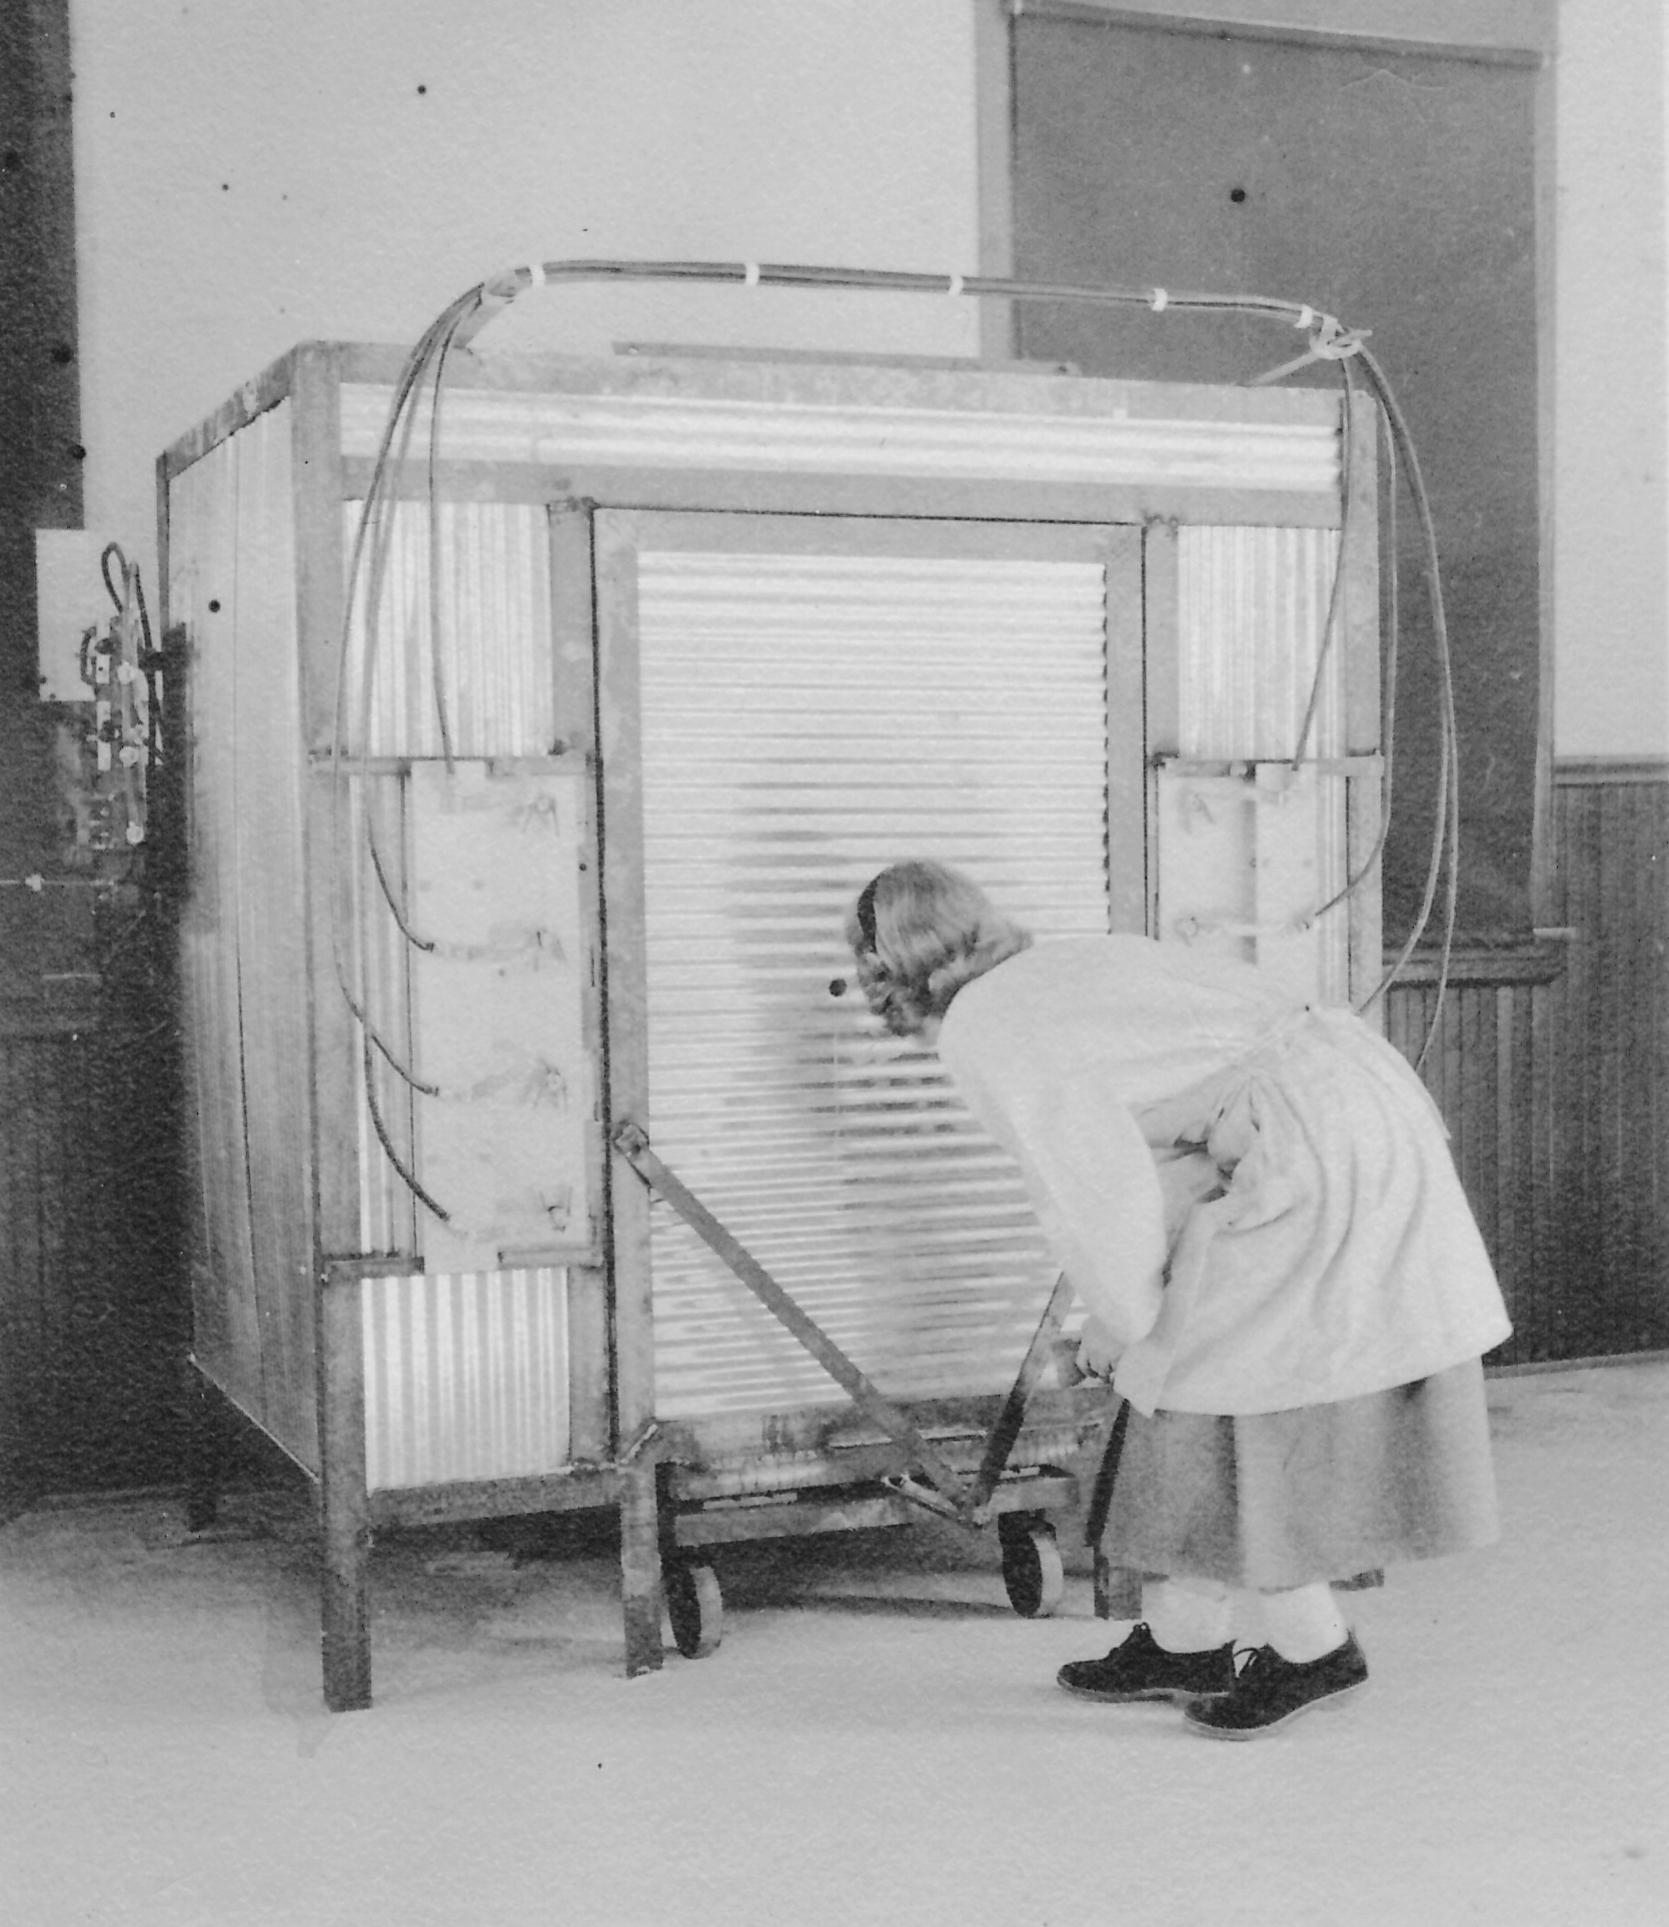 Elizabeth Greene checks the cones inside the kiln circa 1952.